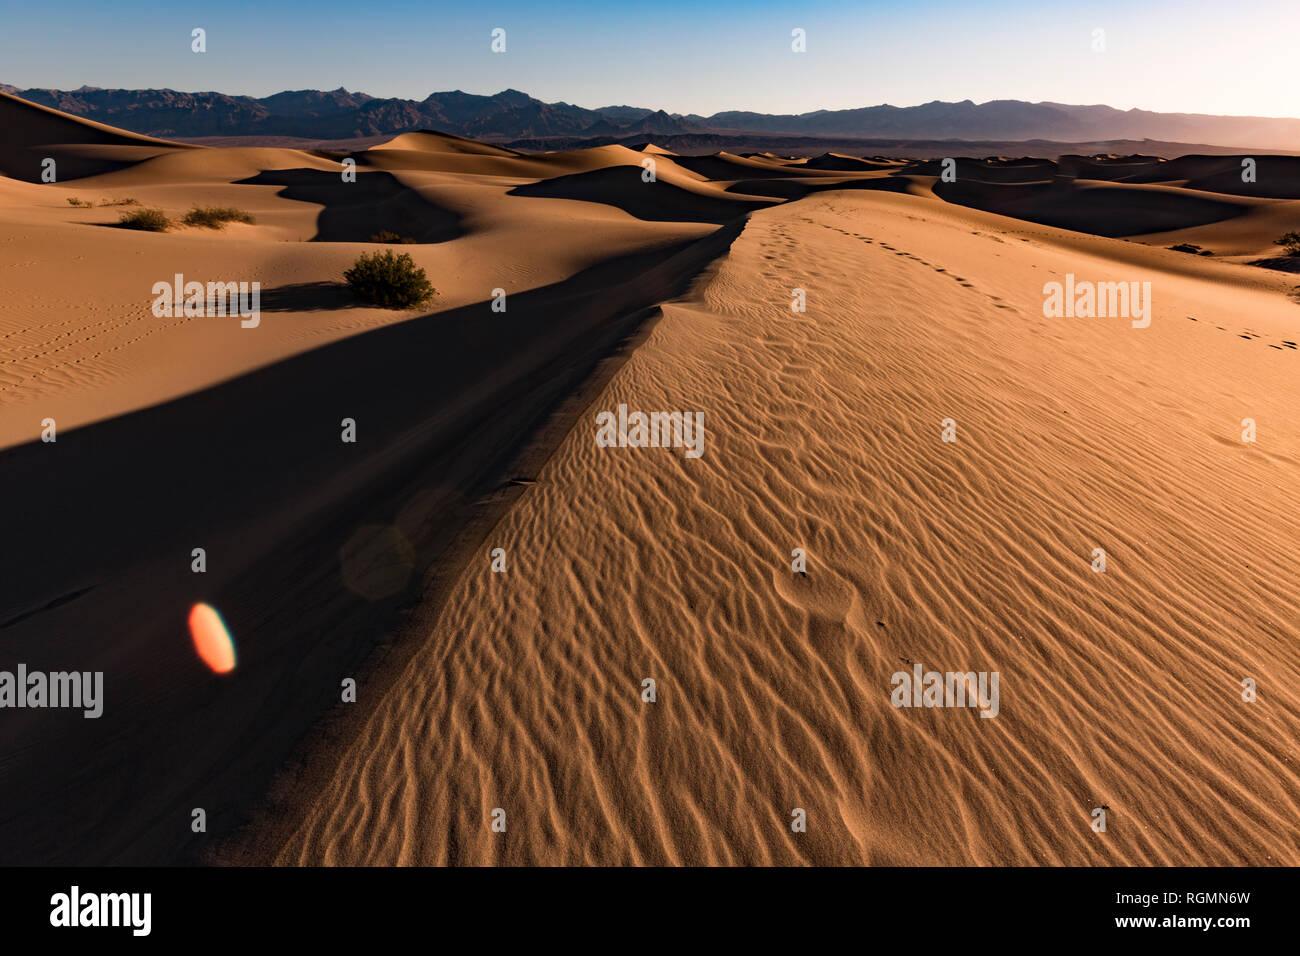 USA, californien, la vallée de la mort, Death Valley National Park, Mesquite Flat Sand Dunes Banque D'Images